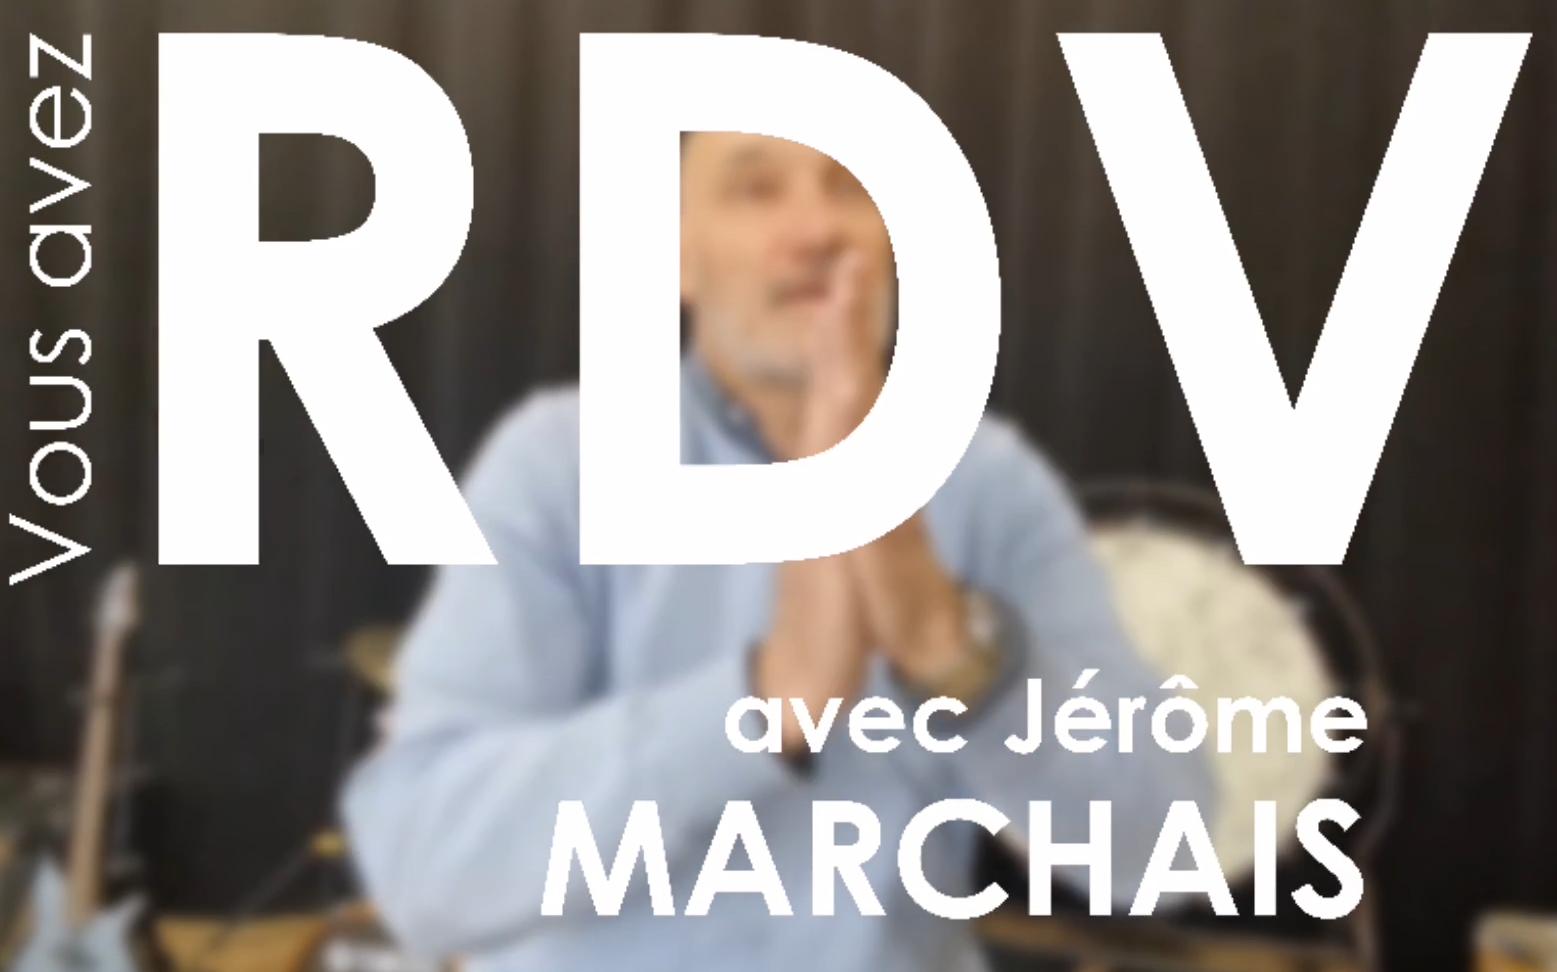 JMarchais